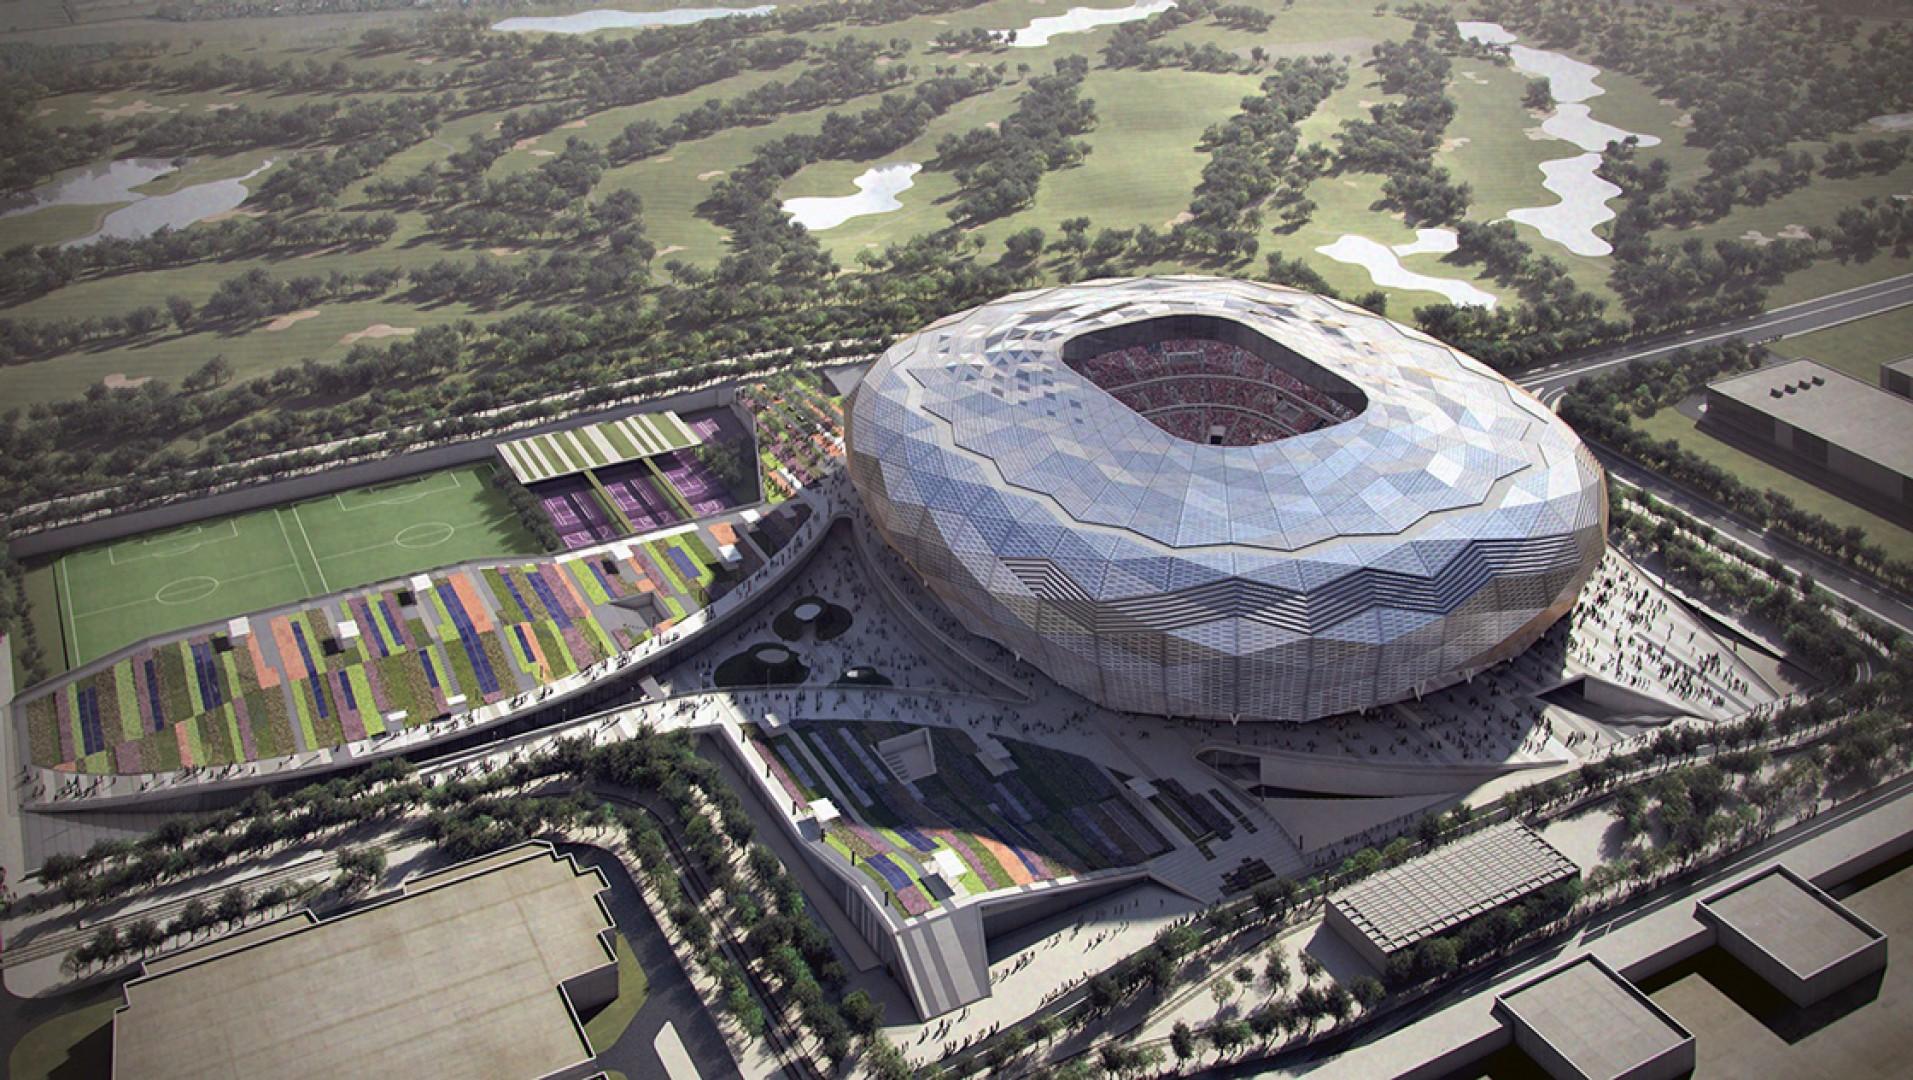 Stadion Quatar Foundation, na którym będą organizowane w 2022 roku Mistrzostwa Świata w Piłce Nożnej. Fot. Materiały prasowe